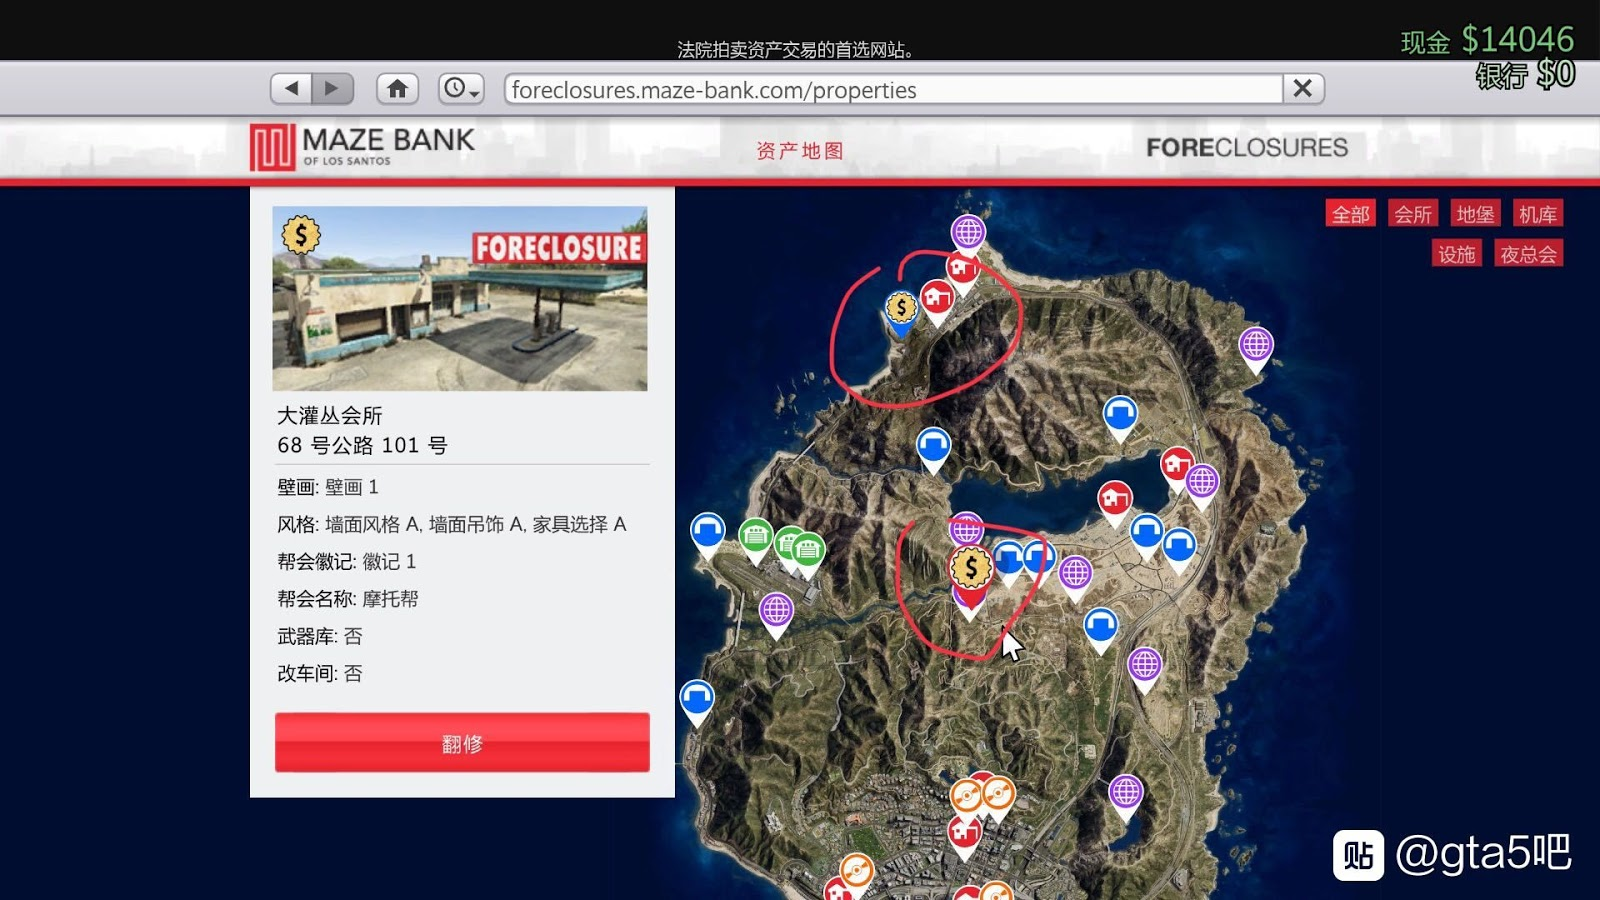 俠盜獵車手 5 (GTA 5) online版新手開局免費領取物品方法   娛樂計程車